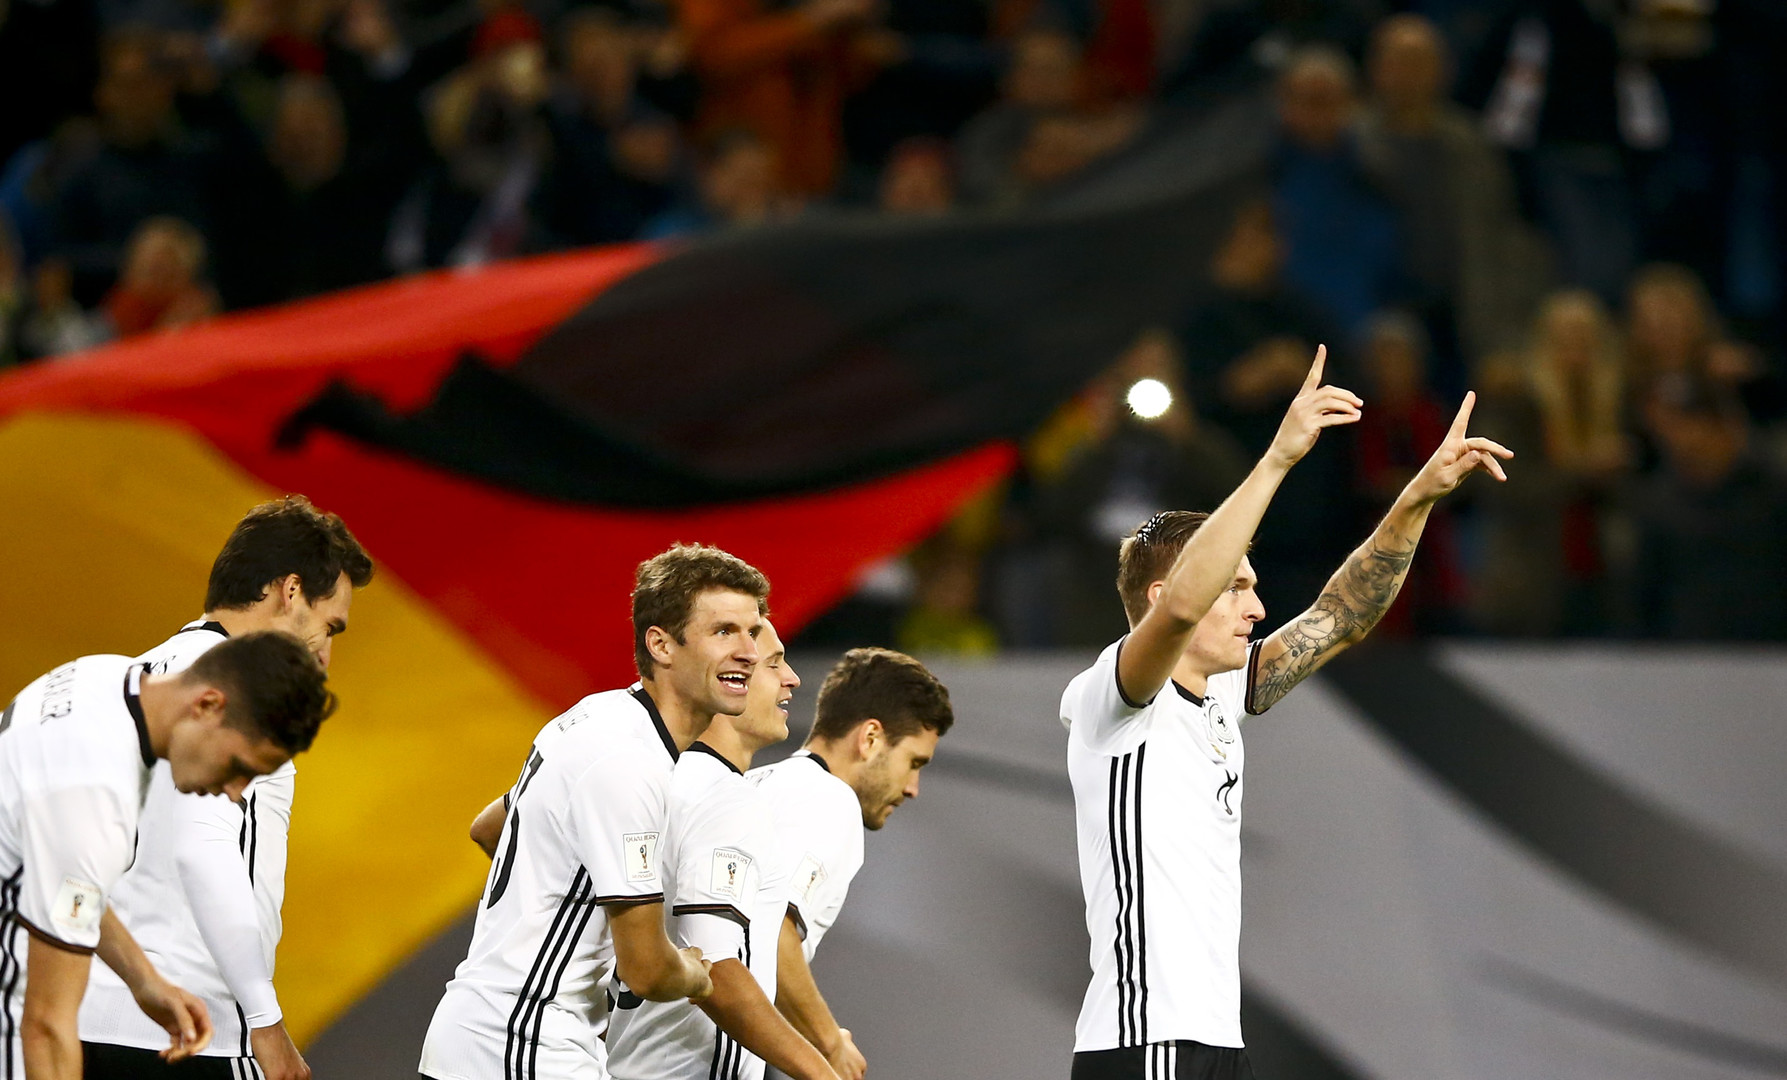 ЧМ-2018: хет-трик Германии и Левандовски, сюрпризы от Азербайджана и Литвы